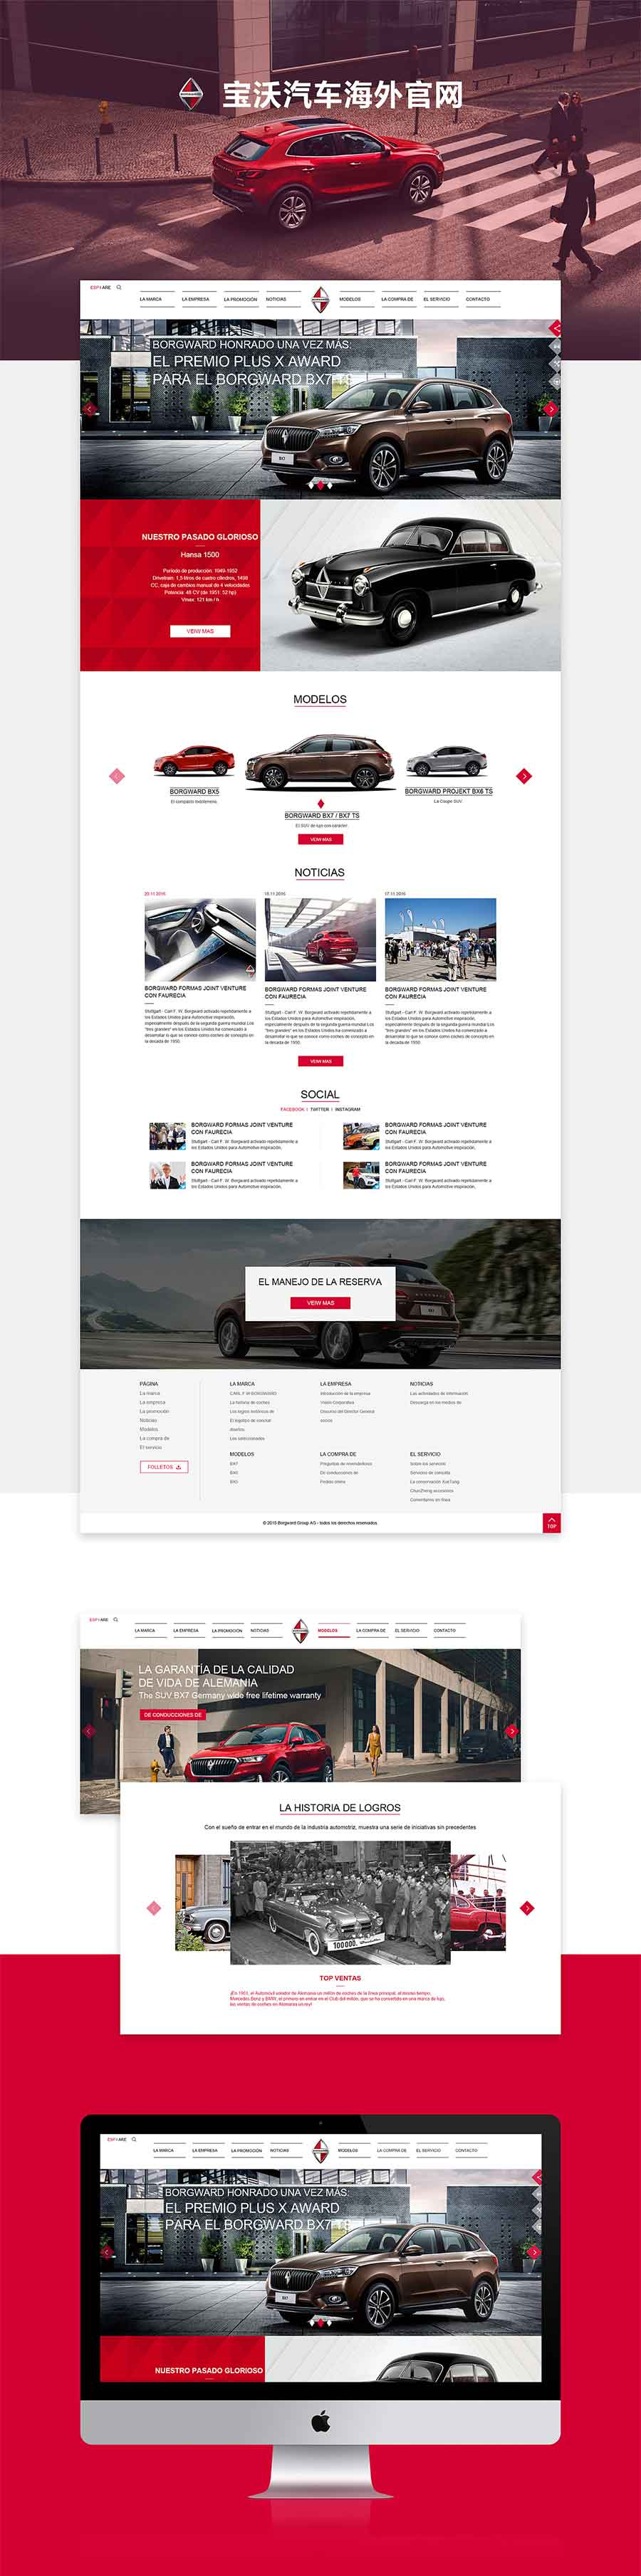 汽車公司網站